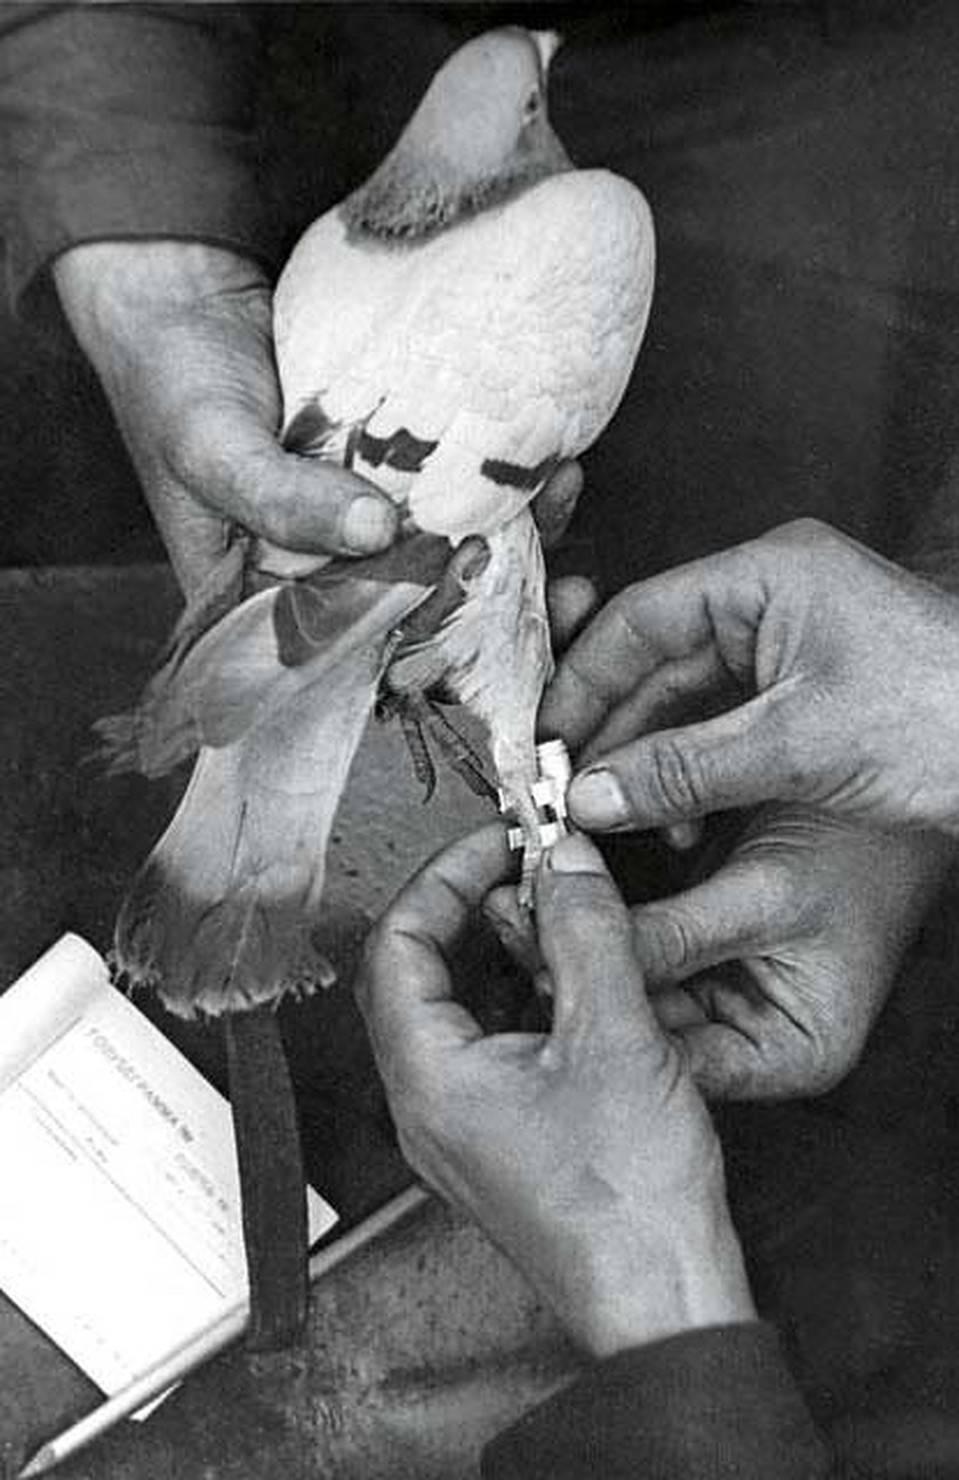 Как работает голубиная почта: история, основы, принципы и методы работы, правила обучения голубей, их использование, интересные данные и факты - общая информация - 2020